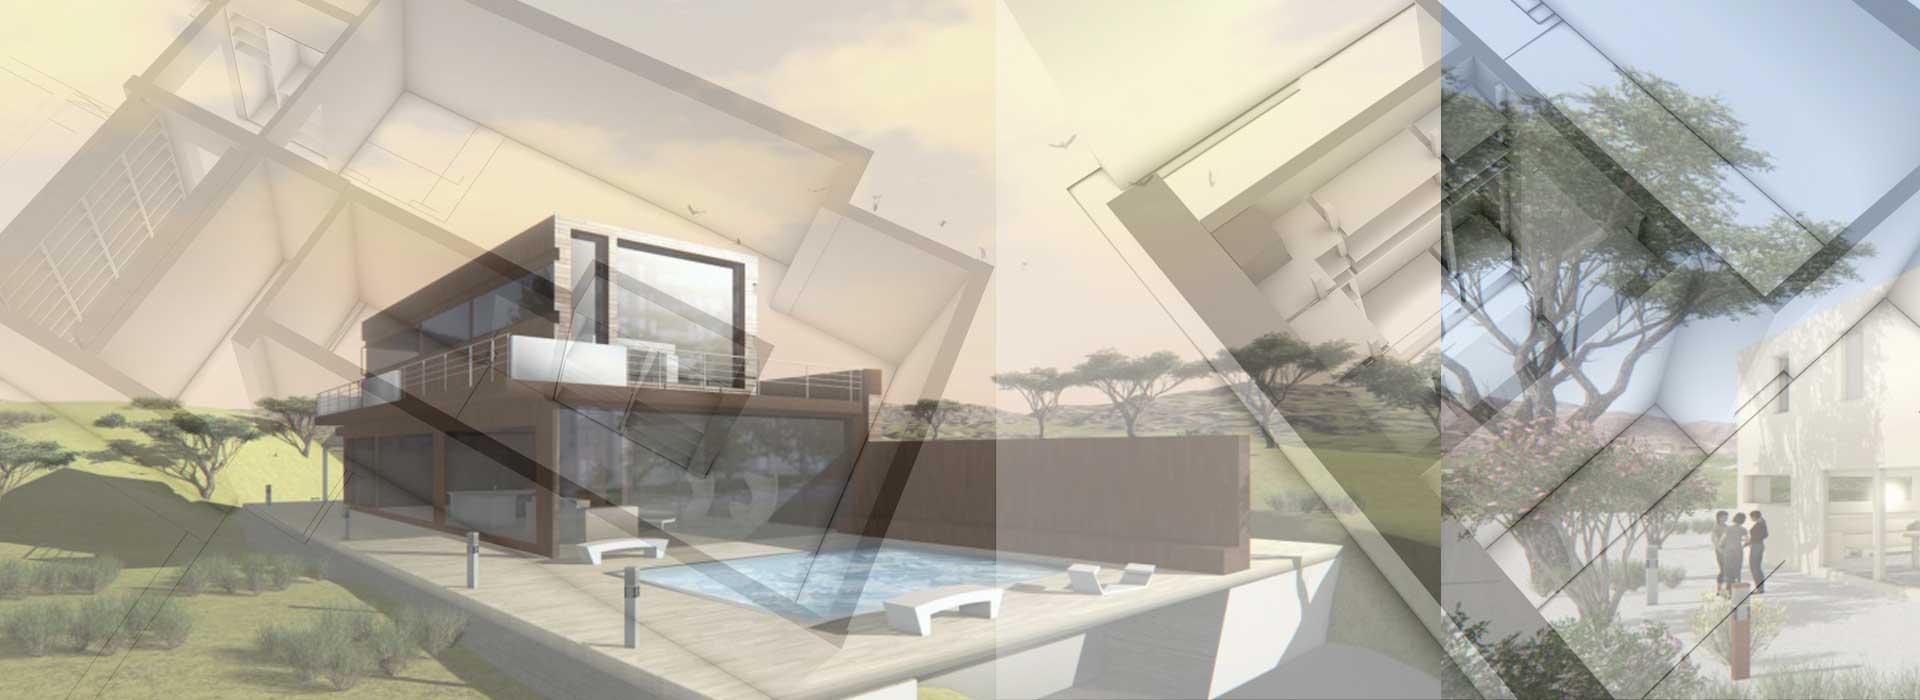 3D_Planung